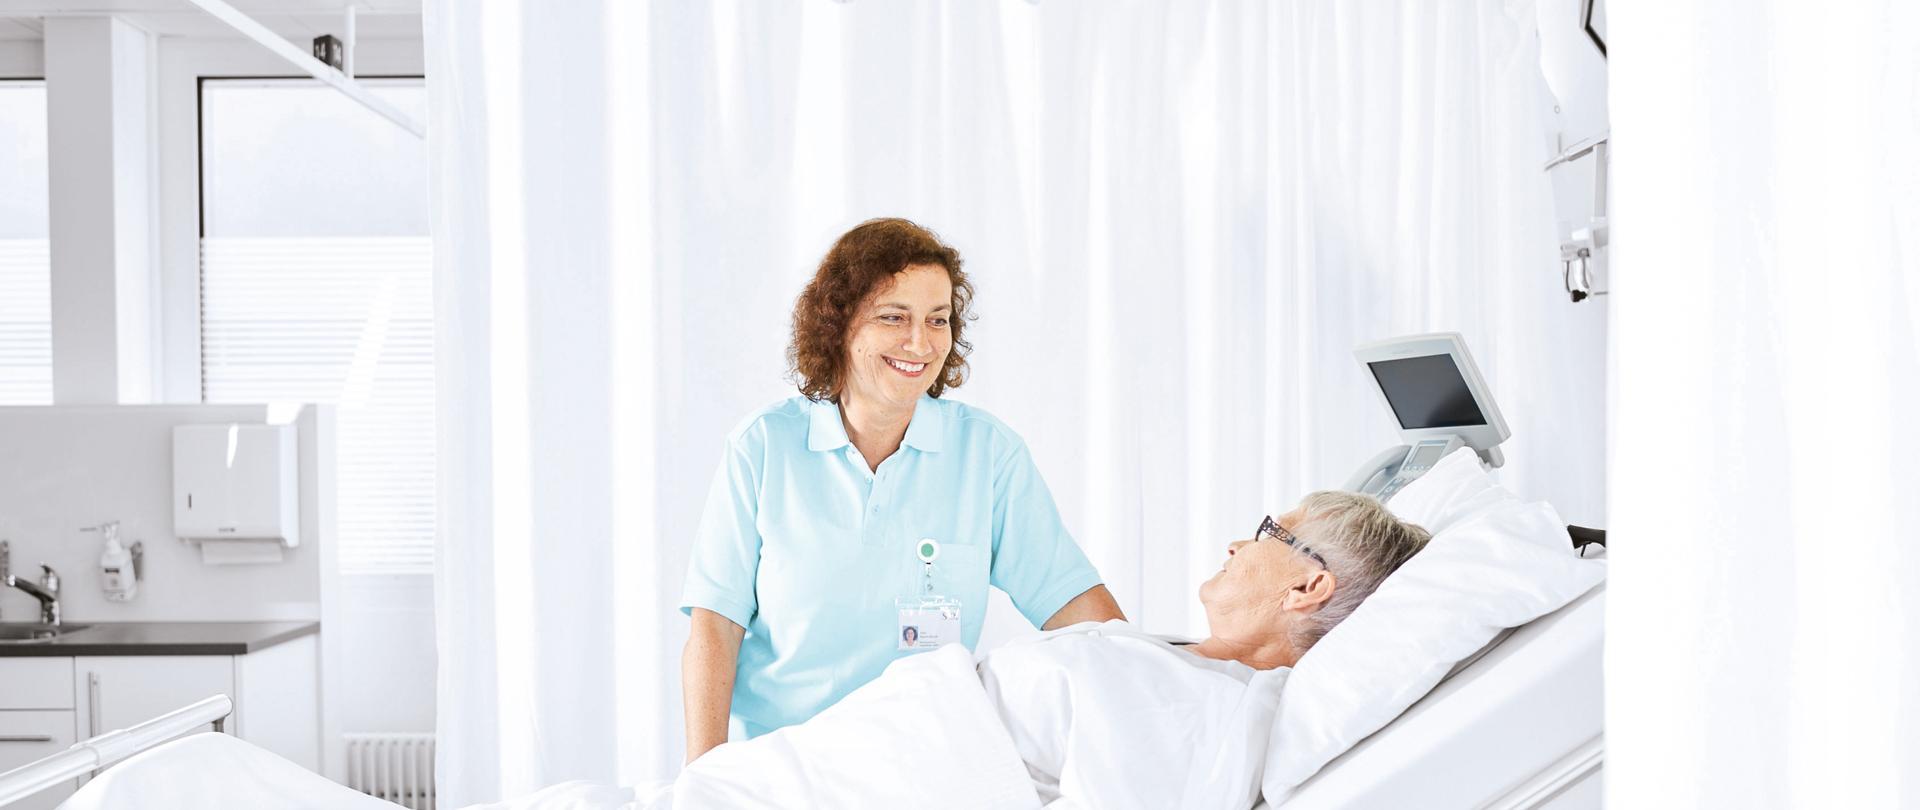 Pflegefachfrau betreut Patientin auf der Tagesklinik